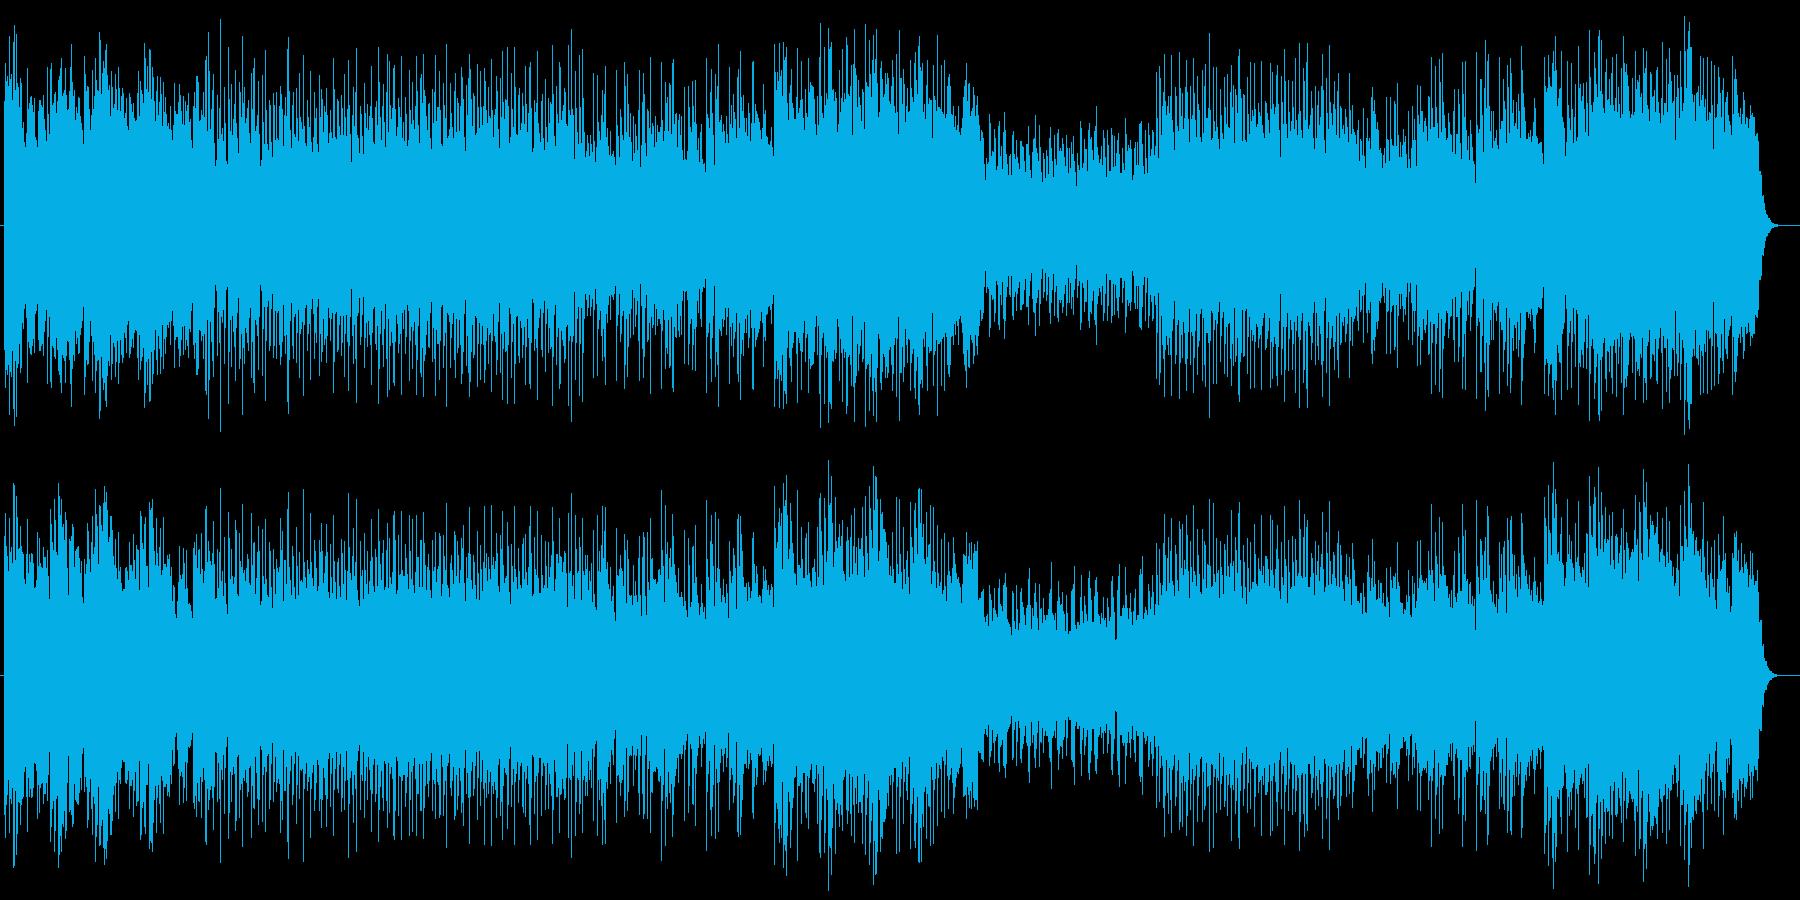 軽やかで爽やかな曲の再生済みの波形